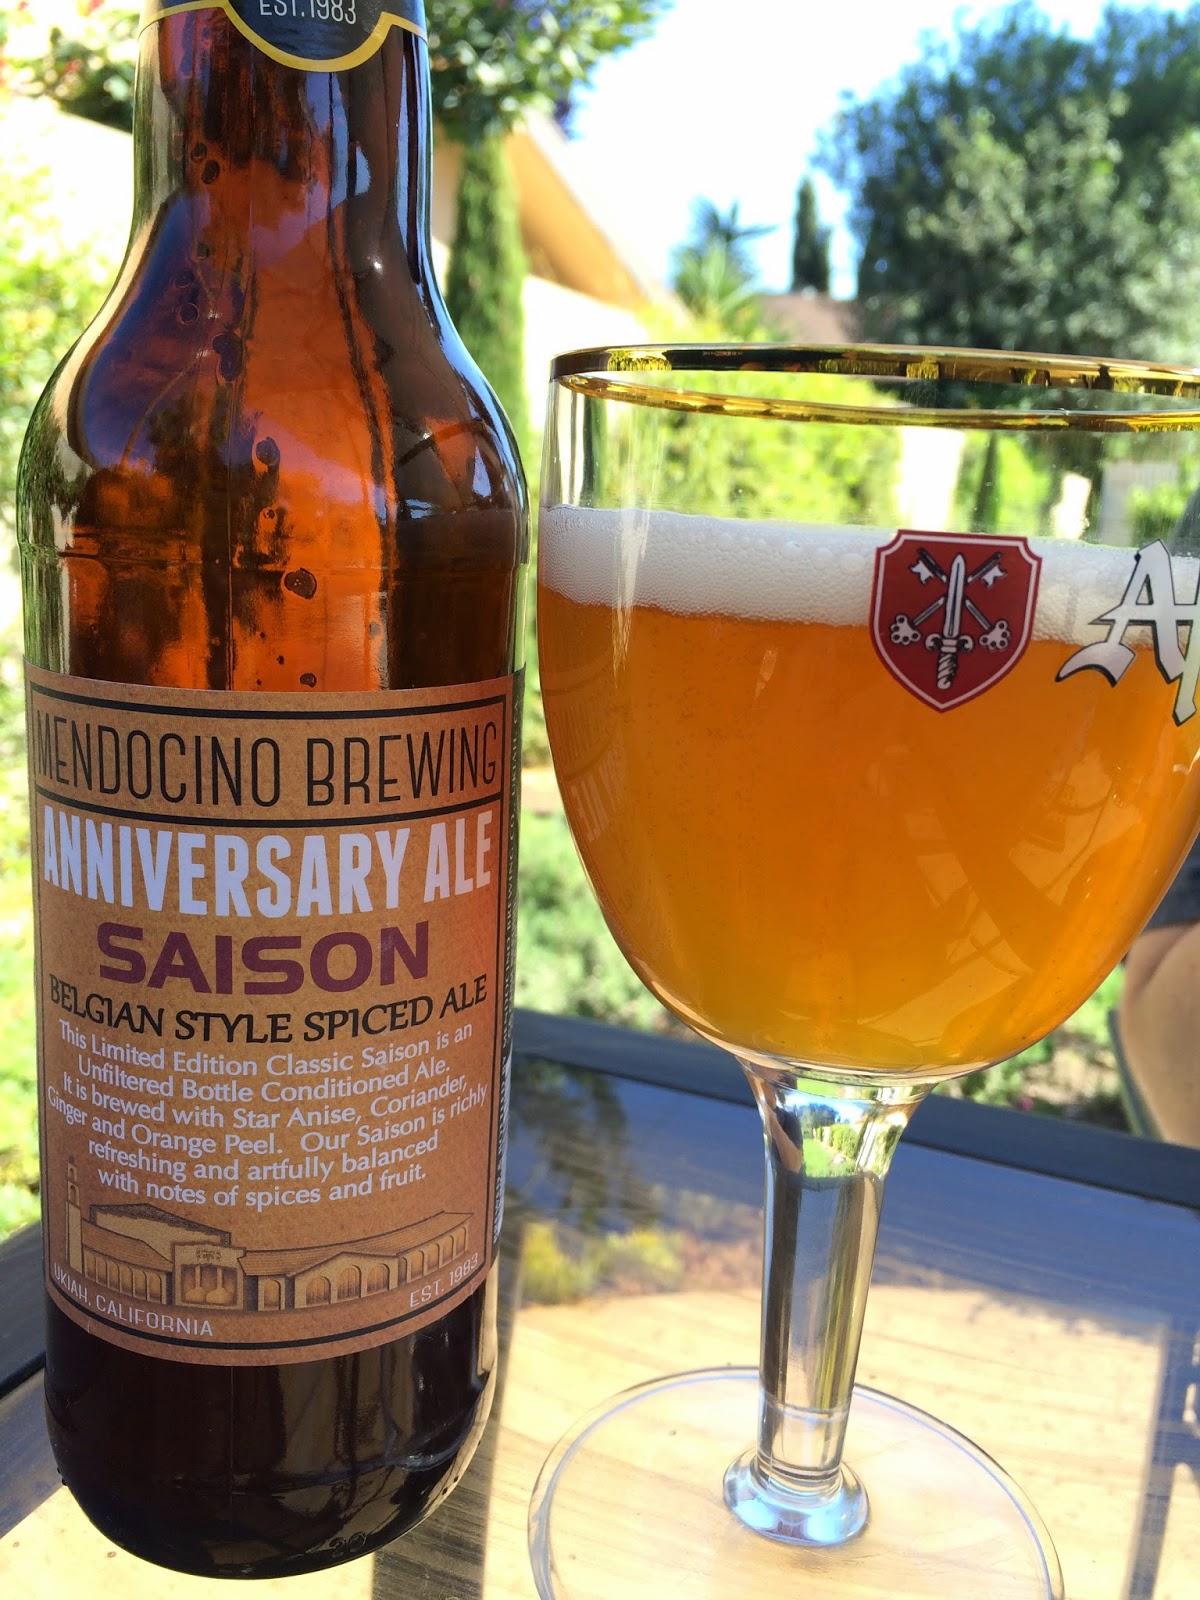 Mendocino Anniversary Ale Saison 1